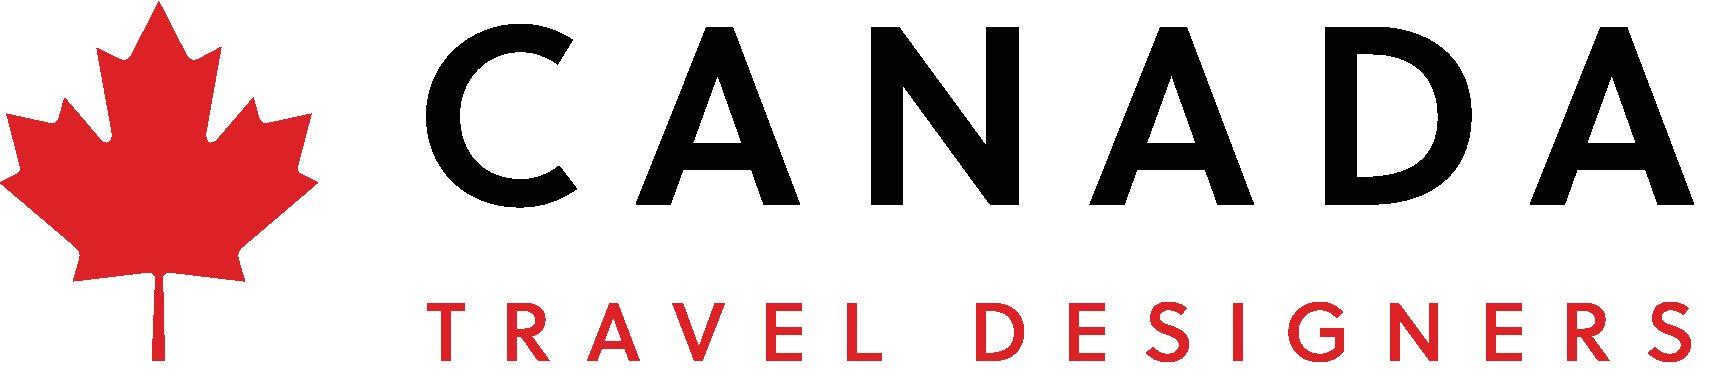 Canada Travel Designers